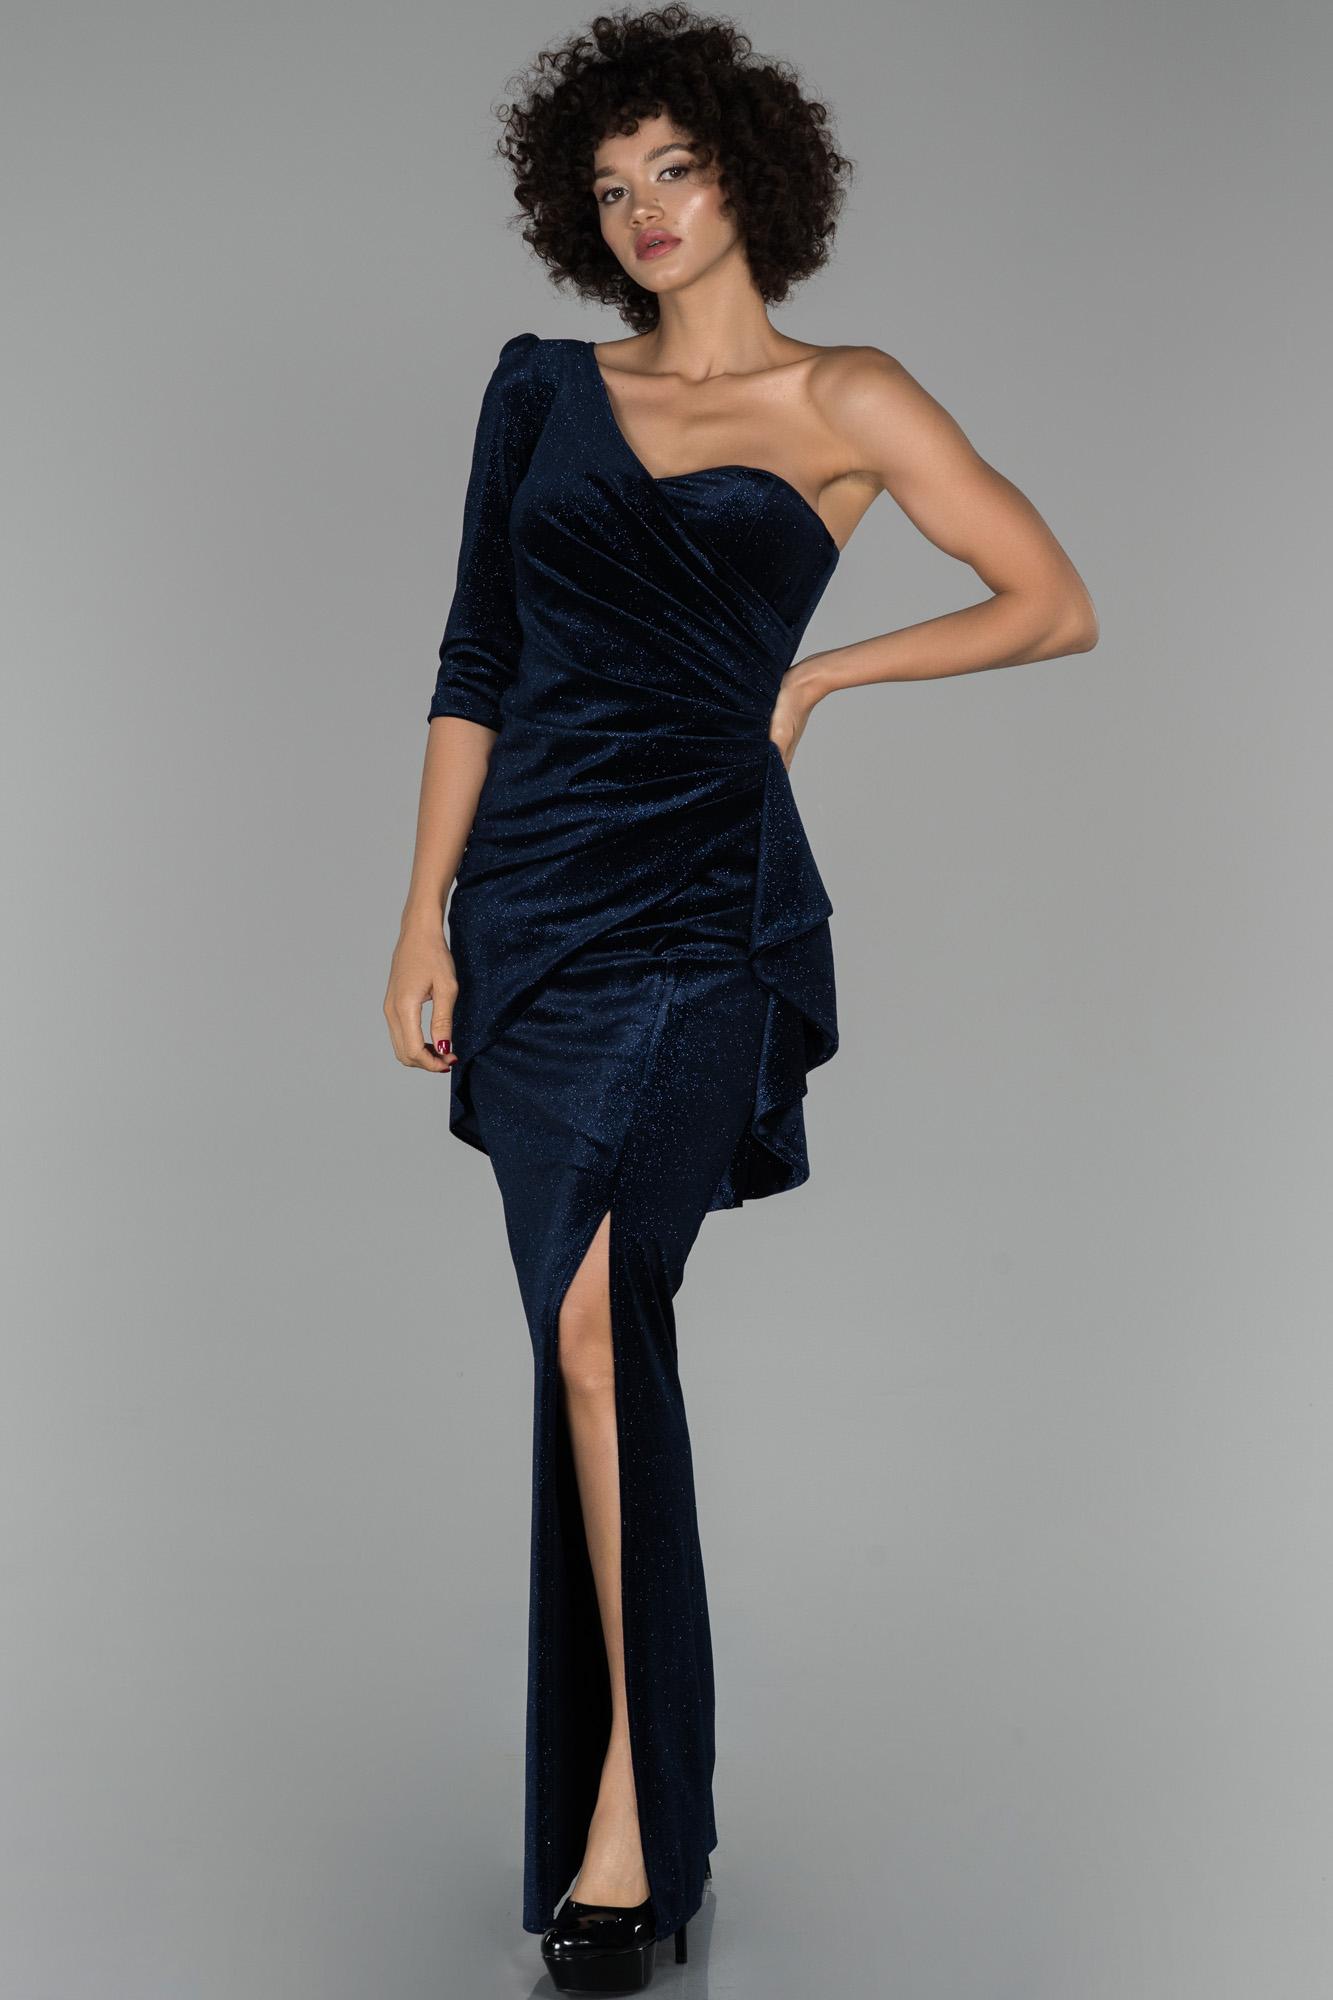 Lacivert Uzun Tek Kol Balık Kadife Abiye Elbise